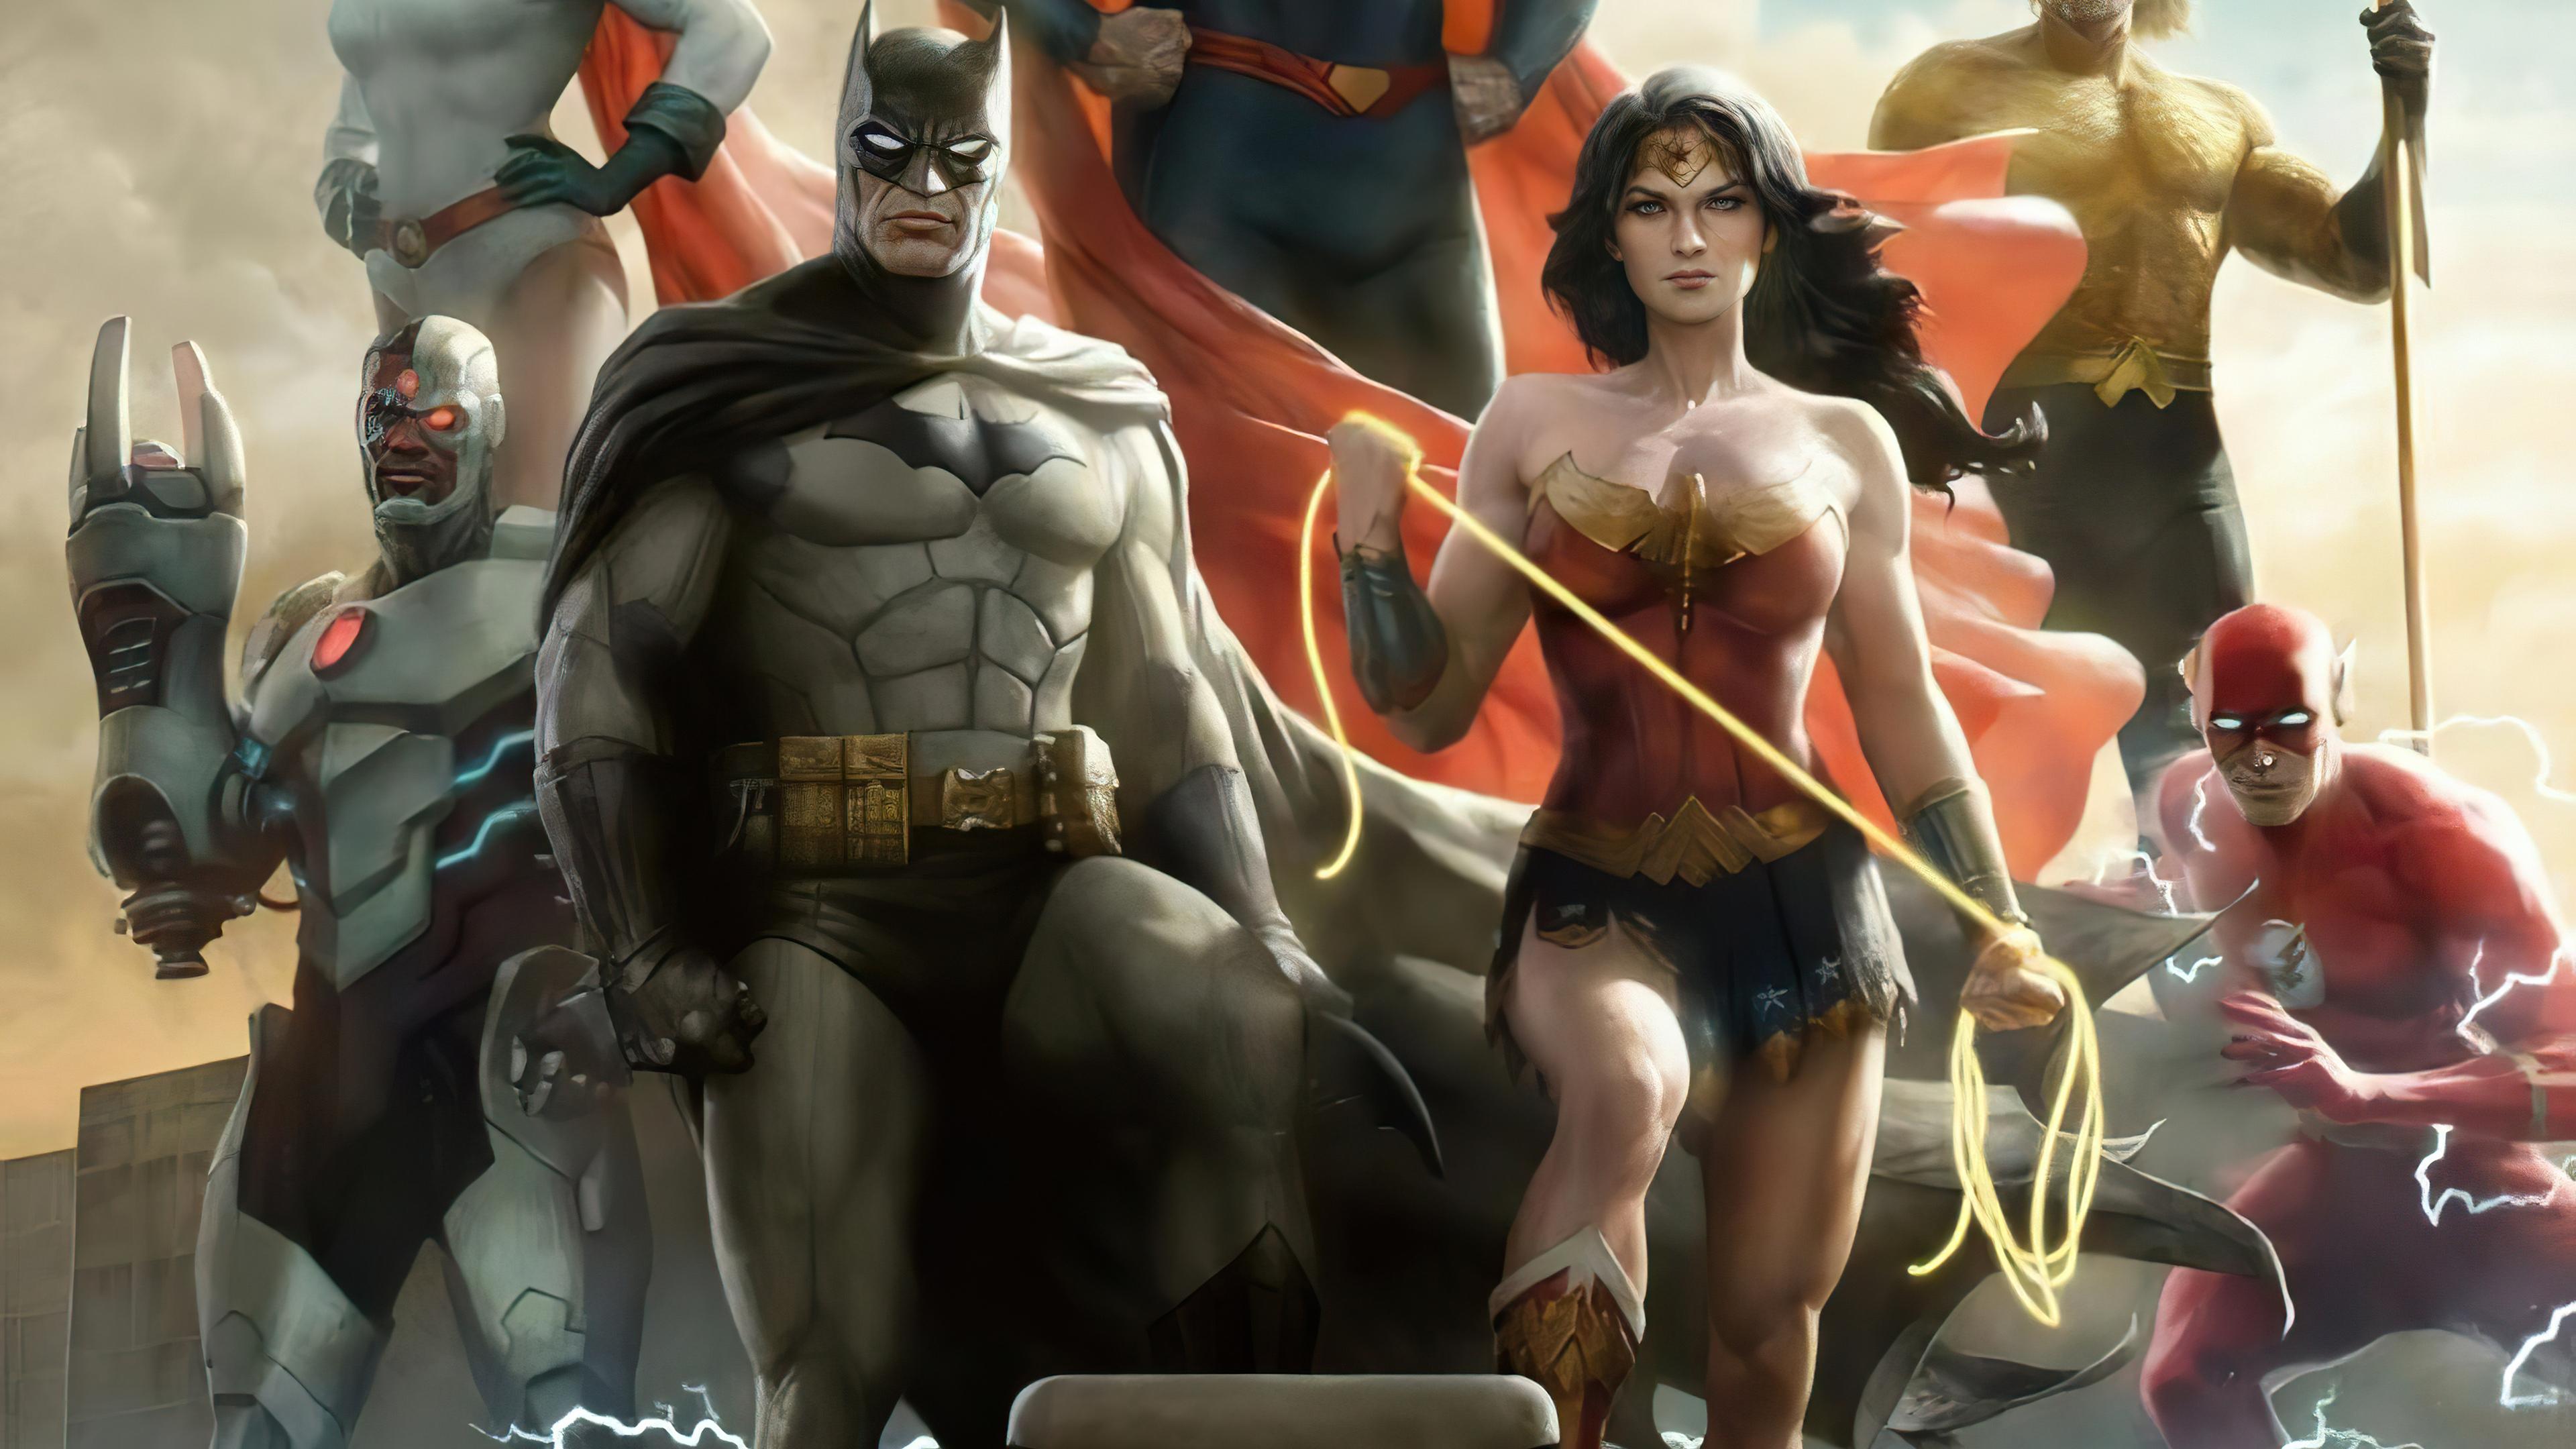 justice-league-of-america-4k-r5.jpg